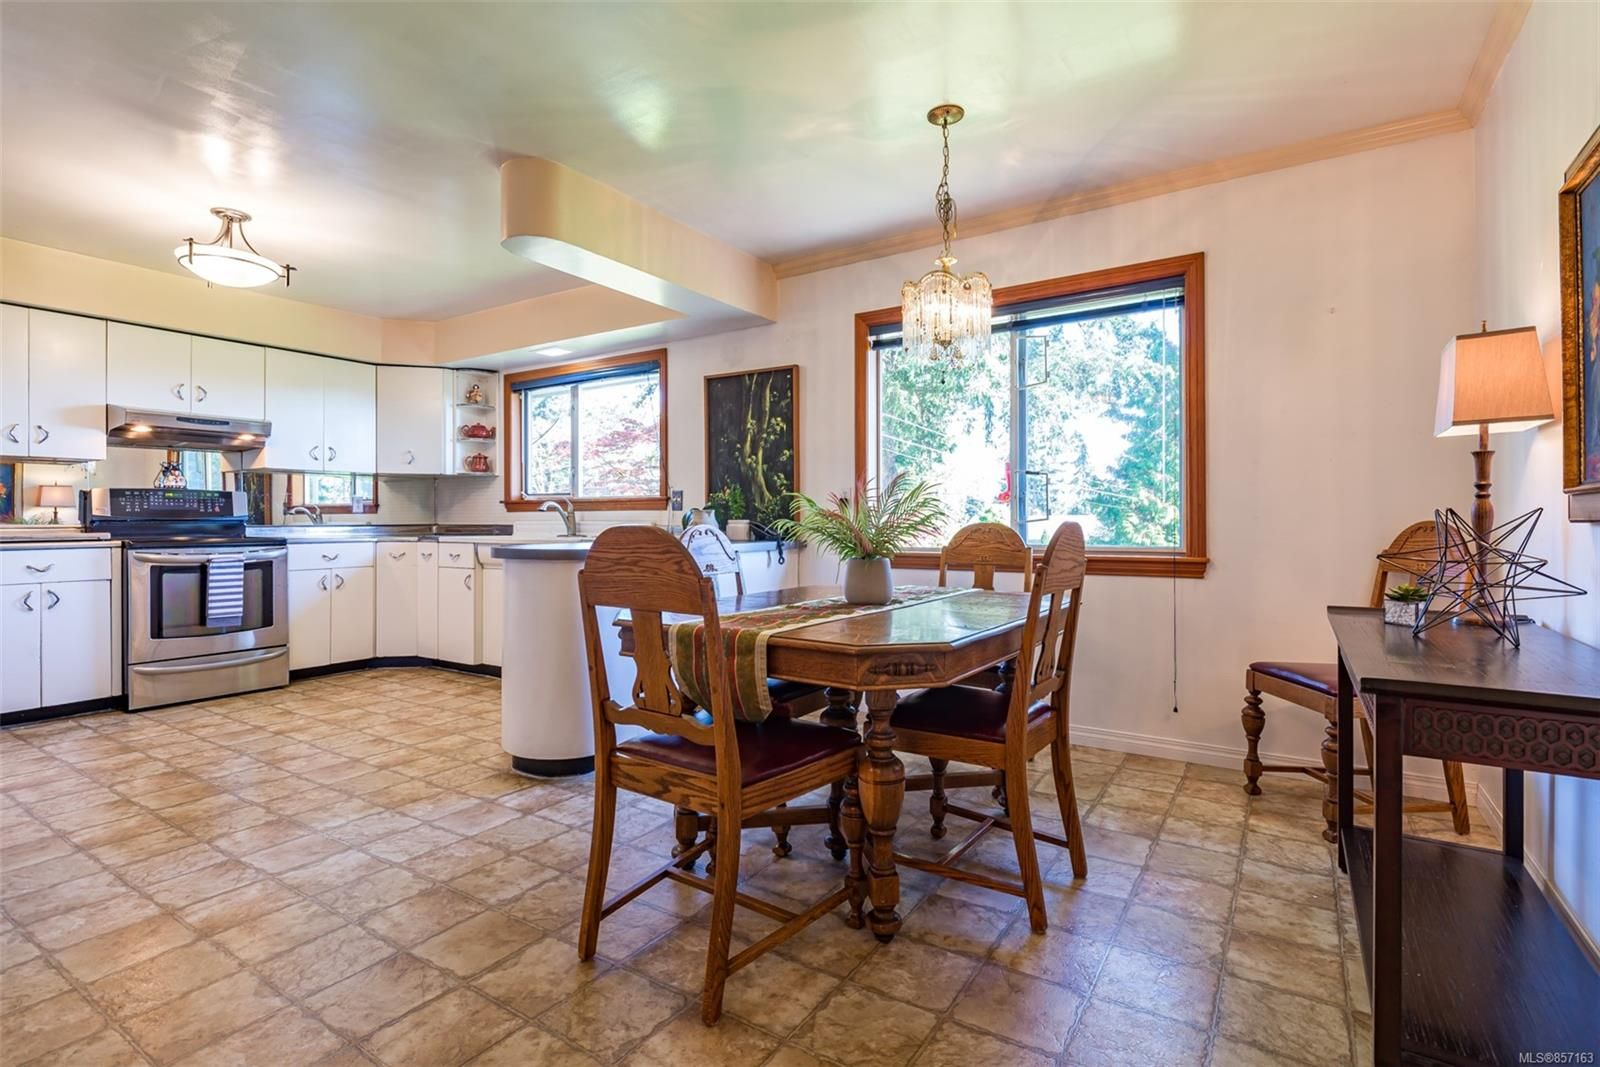 Photo 13: Photos: 4241 Buddington Rd in : CV Courtenay South House for sale (Comox Valley)  : MLS®# 857163